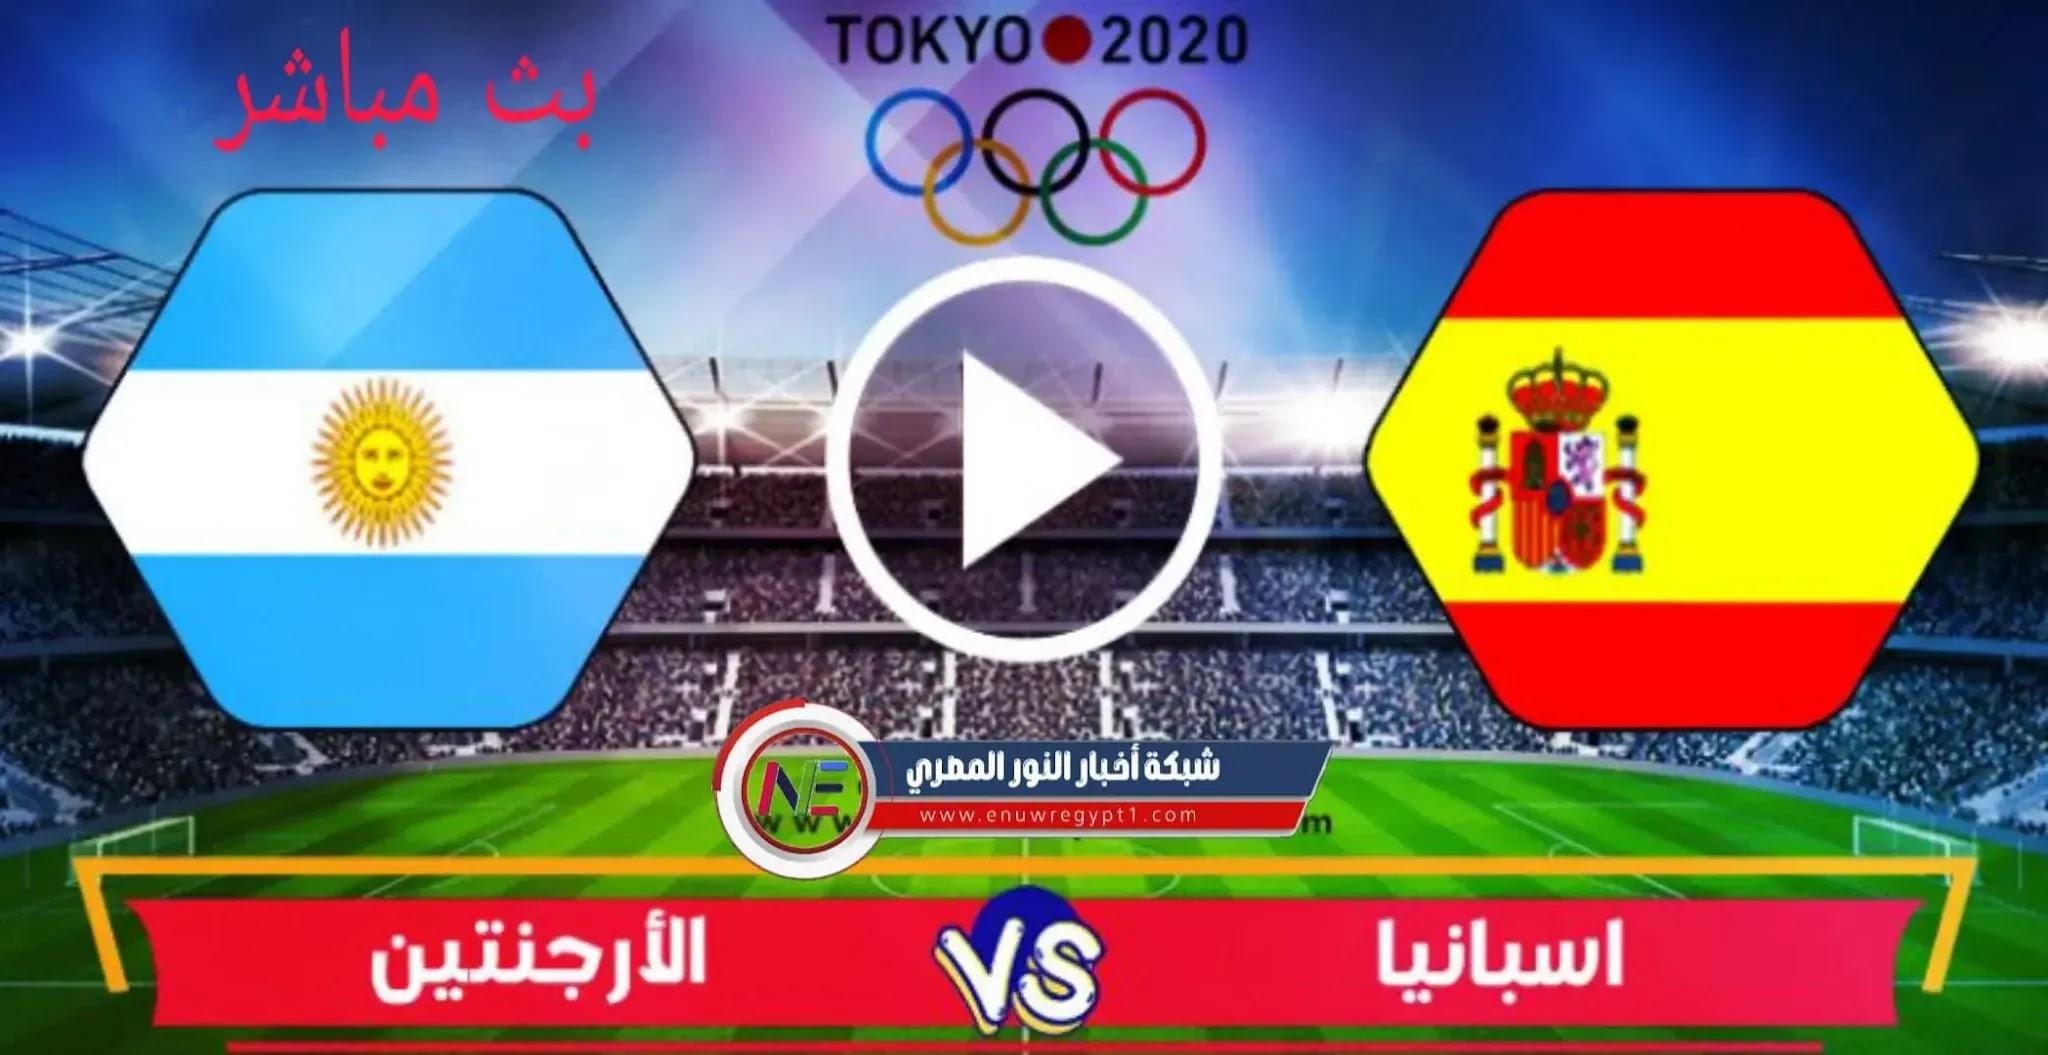 يلا شوت الاسطورة يوتيوب.. بث مباشر مشاهدة مباراة اسبانيا و الارجنتين اليوم 28-07-2021 في بطولة اولمبياد طوكيو 2020 كورة لايف الان بجودة عالية بدون تقطيع